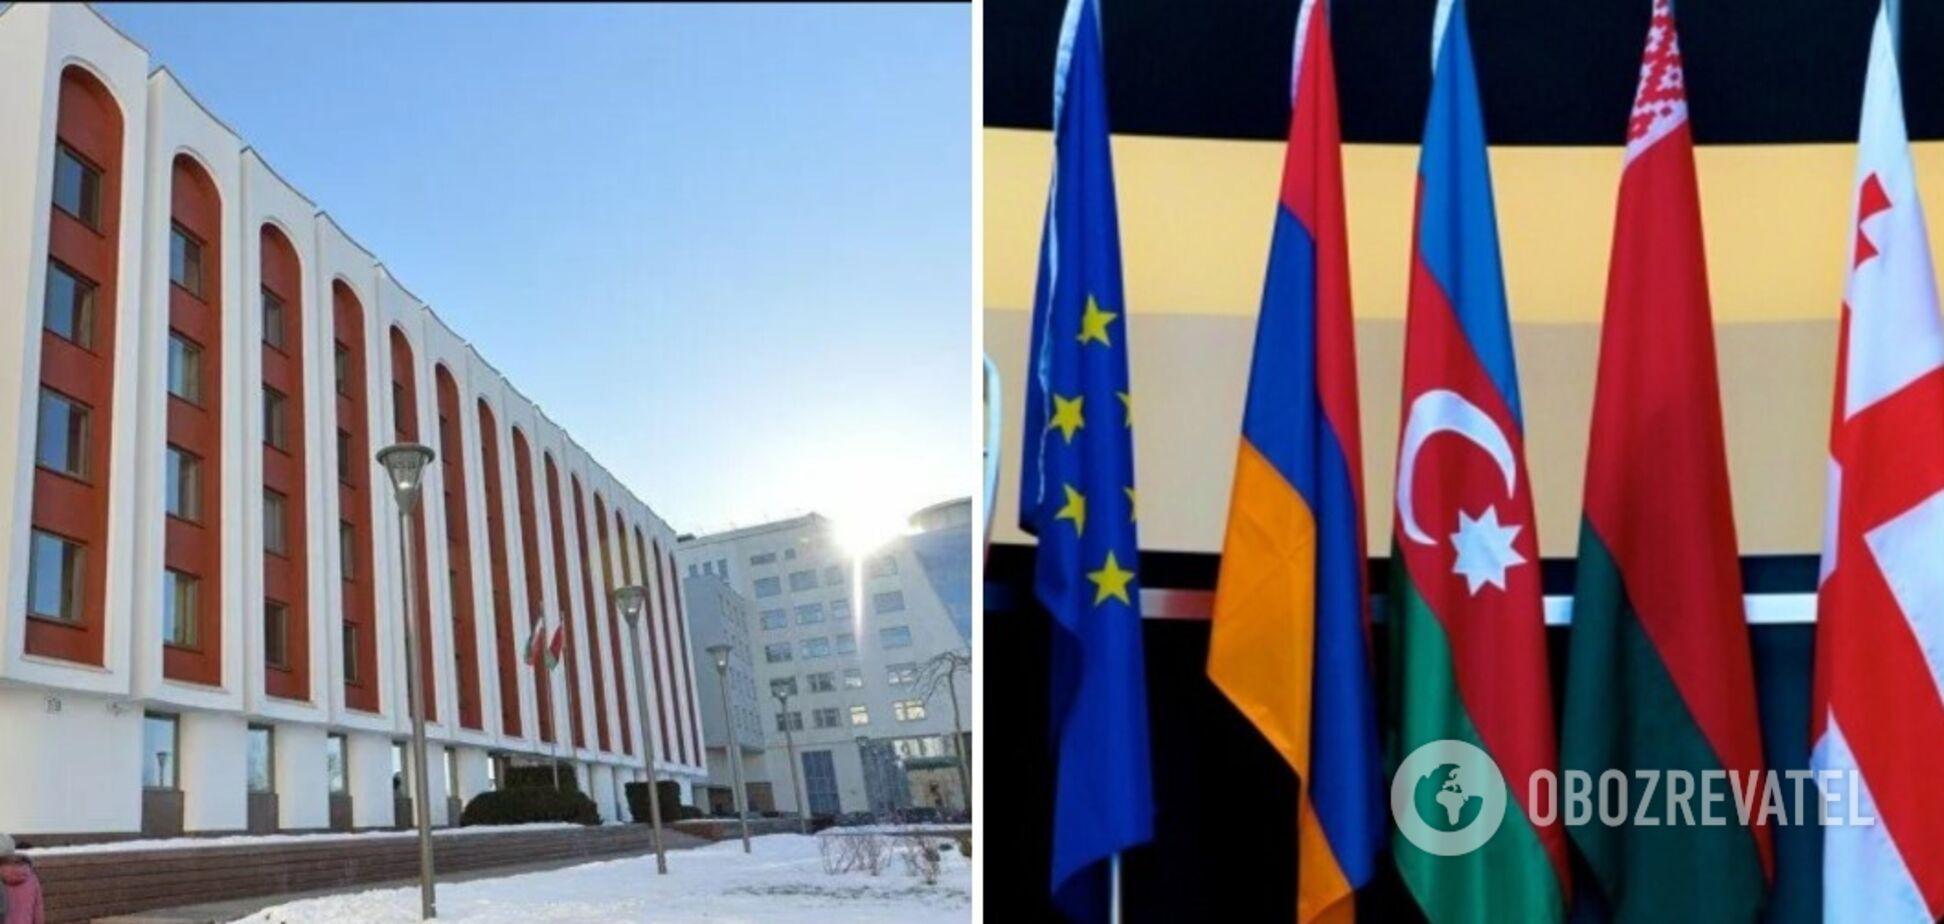 В МИД Беларуси заявили, что приостанавливают участие в 'Восточном партнерстве'